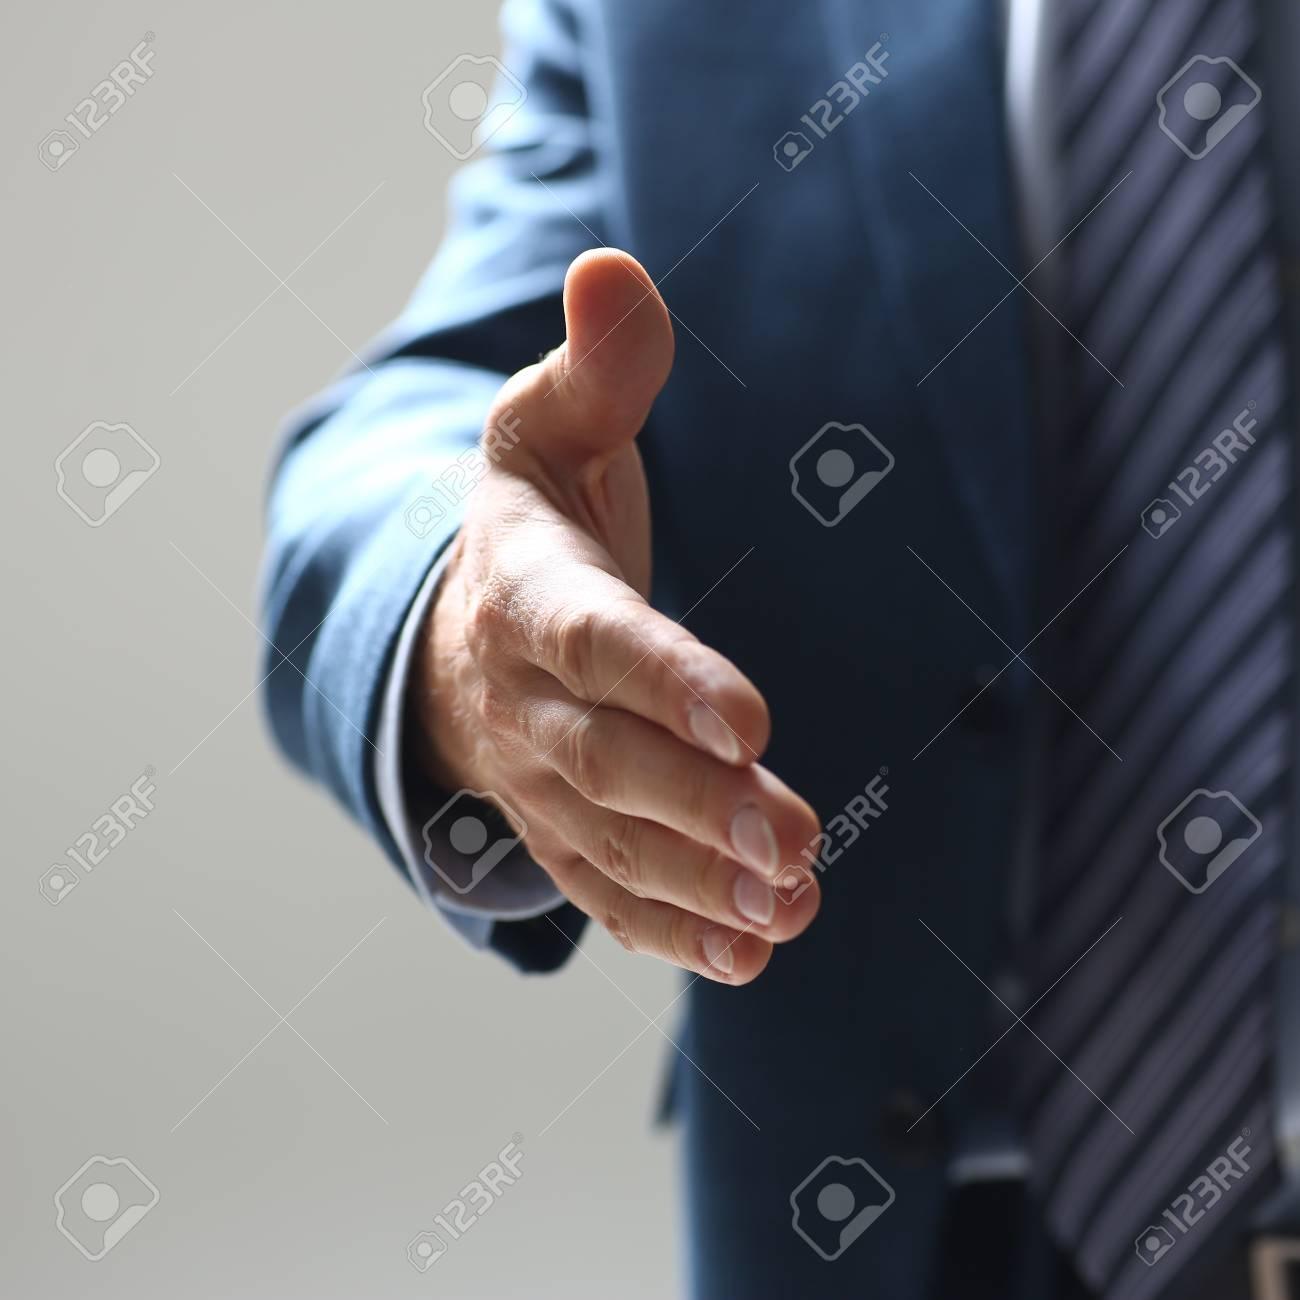 Geschäftsmann Angebot Hand Als Hallo In Office Closeup Zu Schütteln